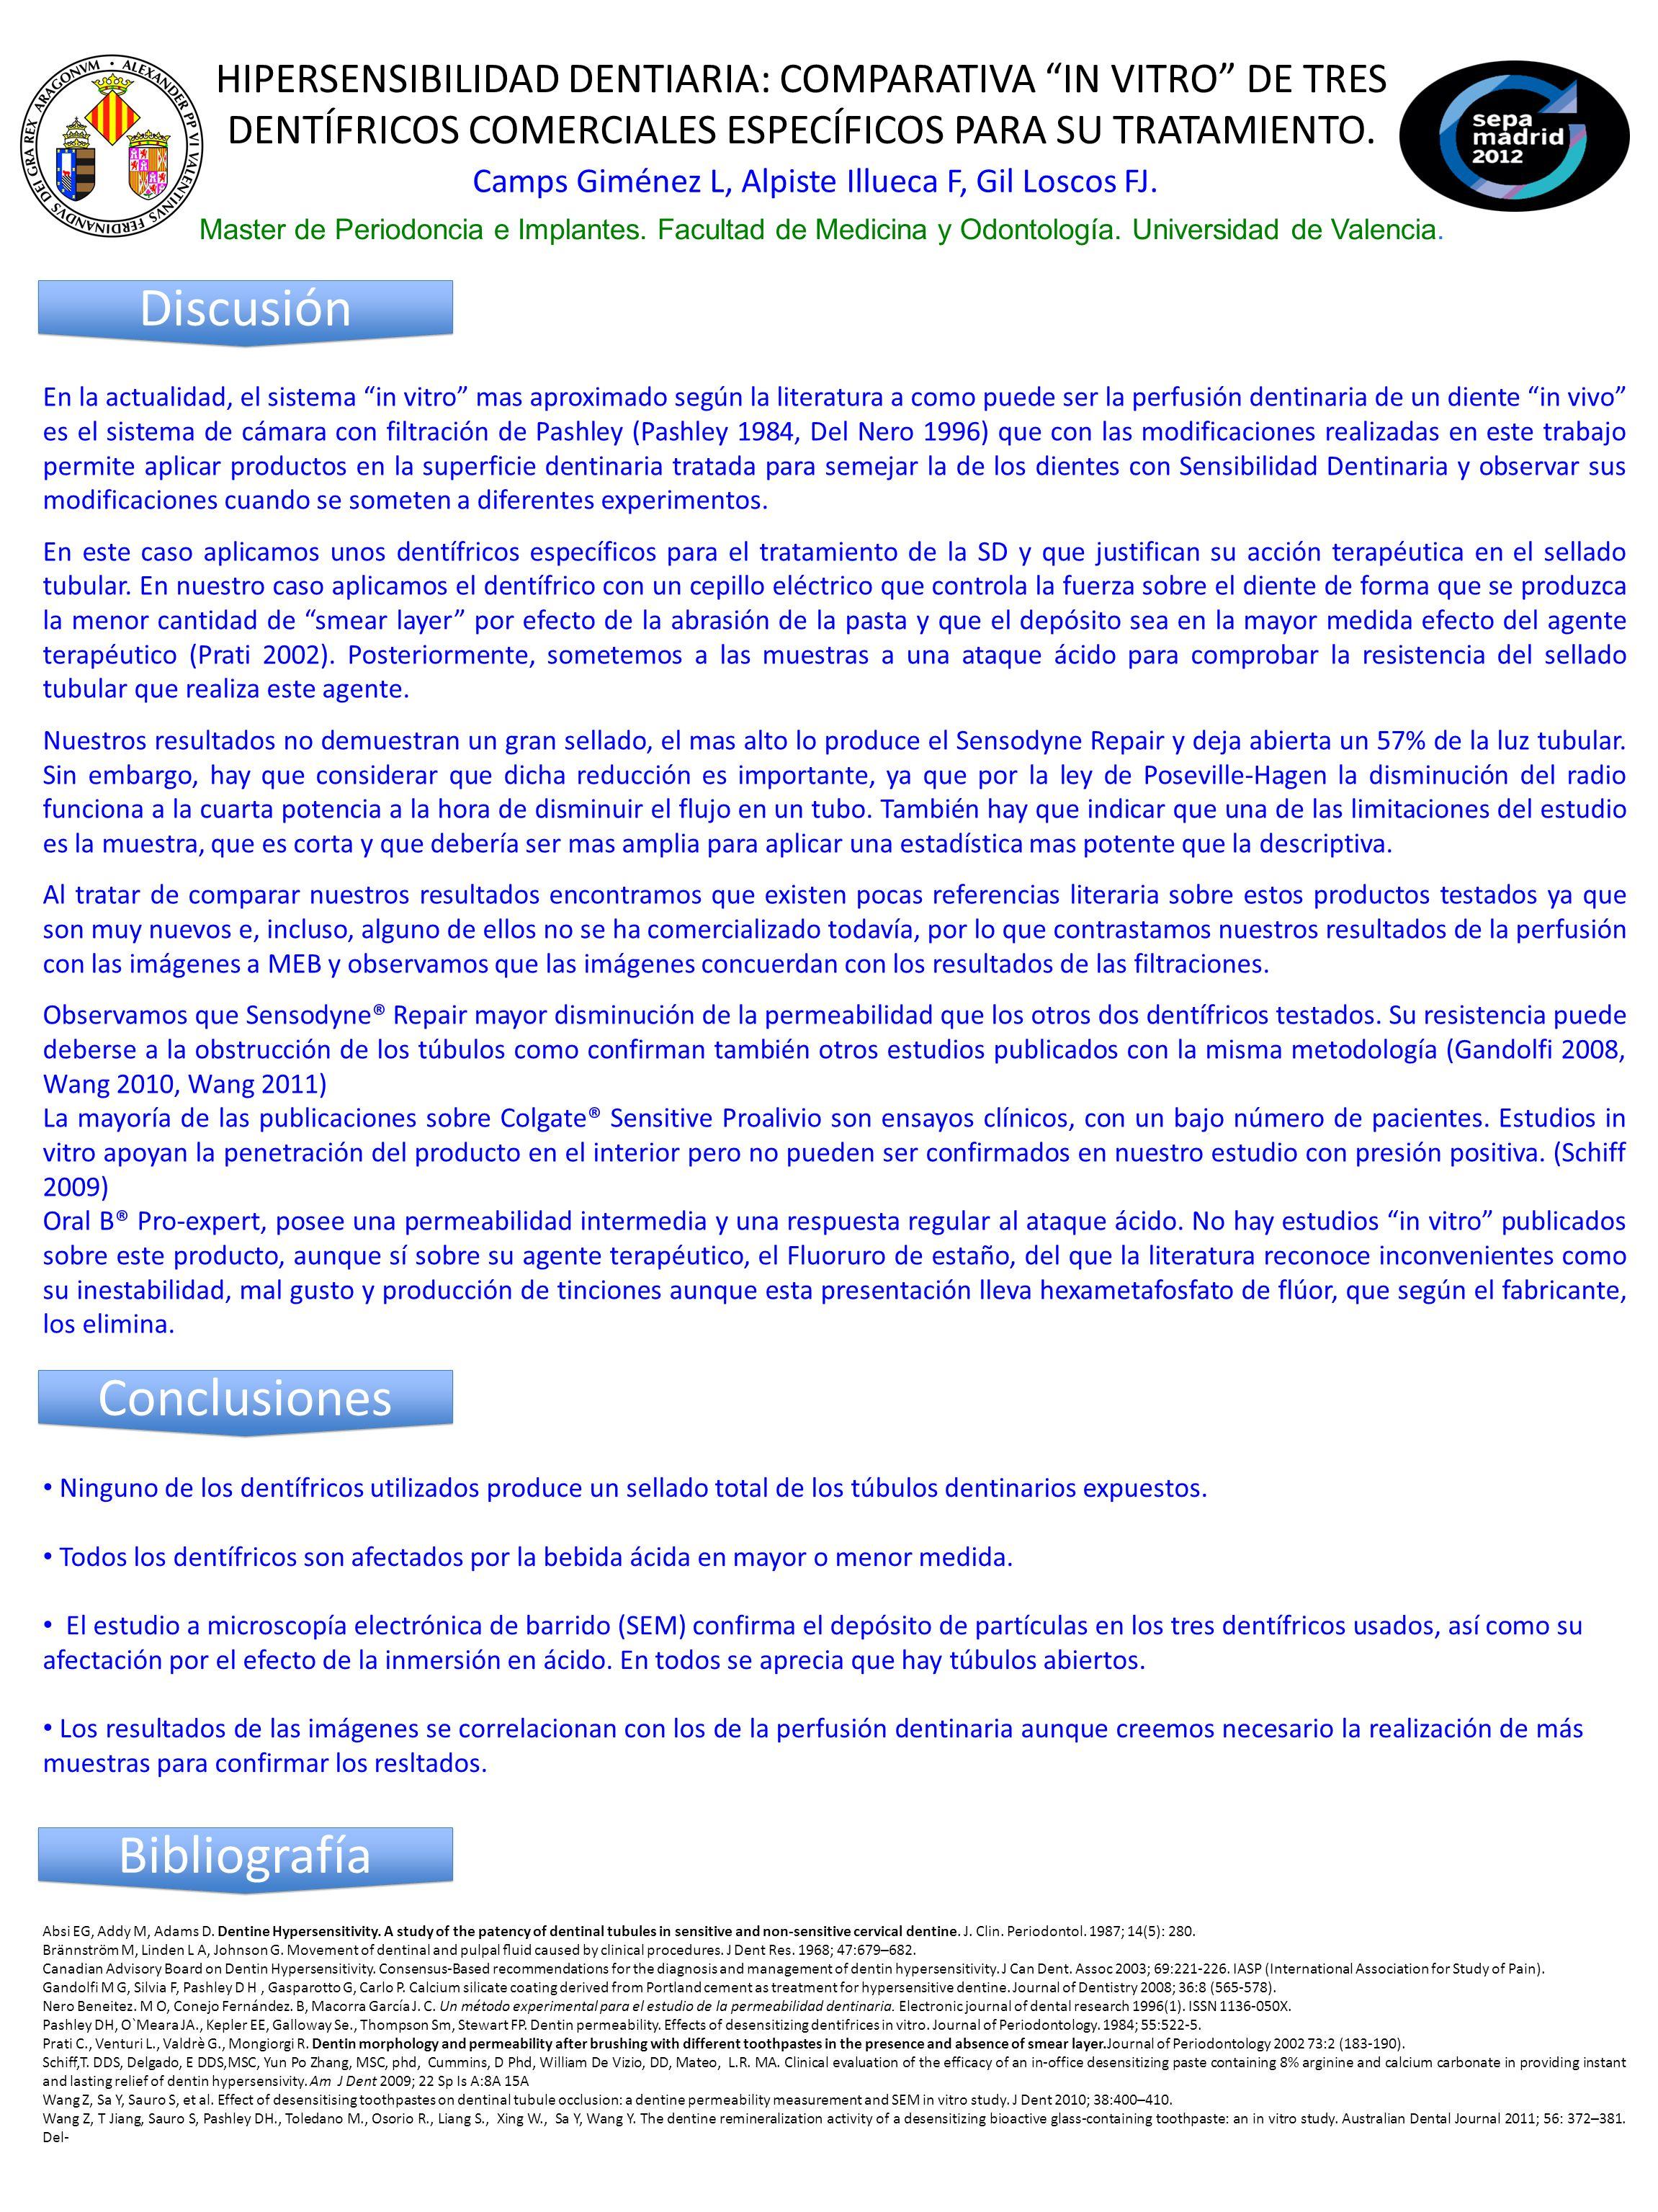 HIPERSENSIBILIDAD DENTIARIA: COMPARATIVA IN VITRO DE TRES DENTÍFRICOS COMERCIALES ESPECÍFICOS PARA SU TRATAMIENTO. Master de Periodoncia e Implantes.